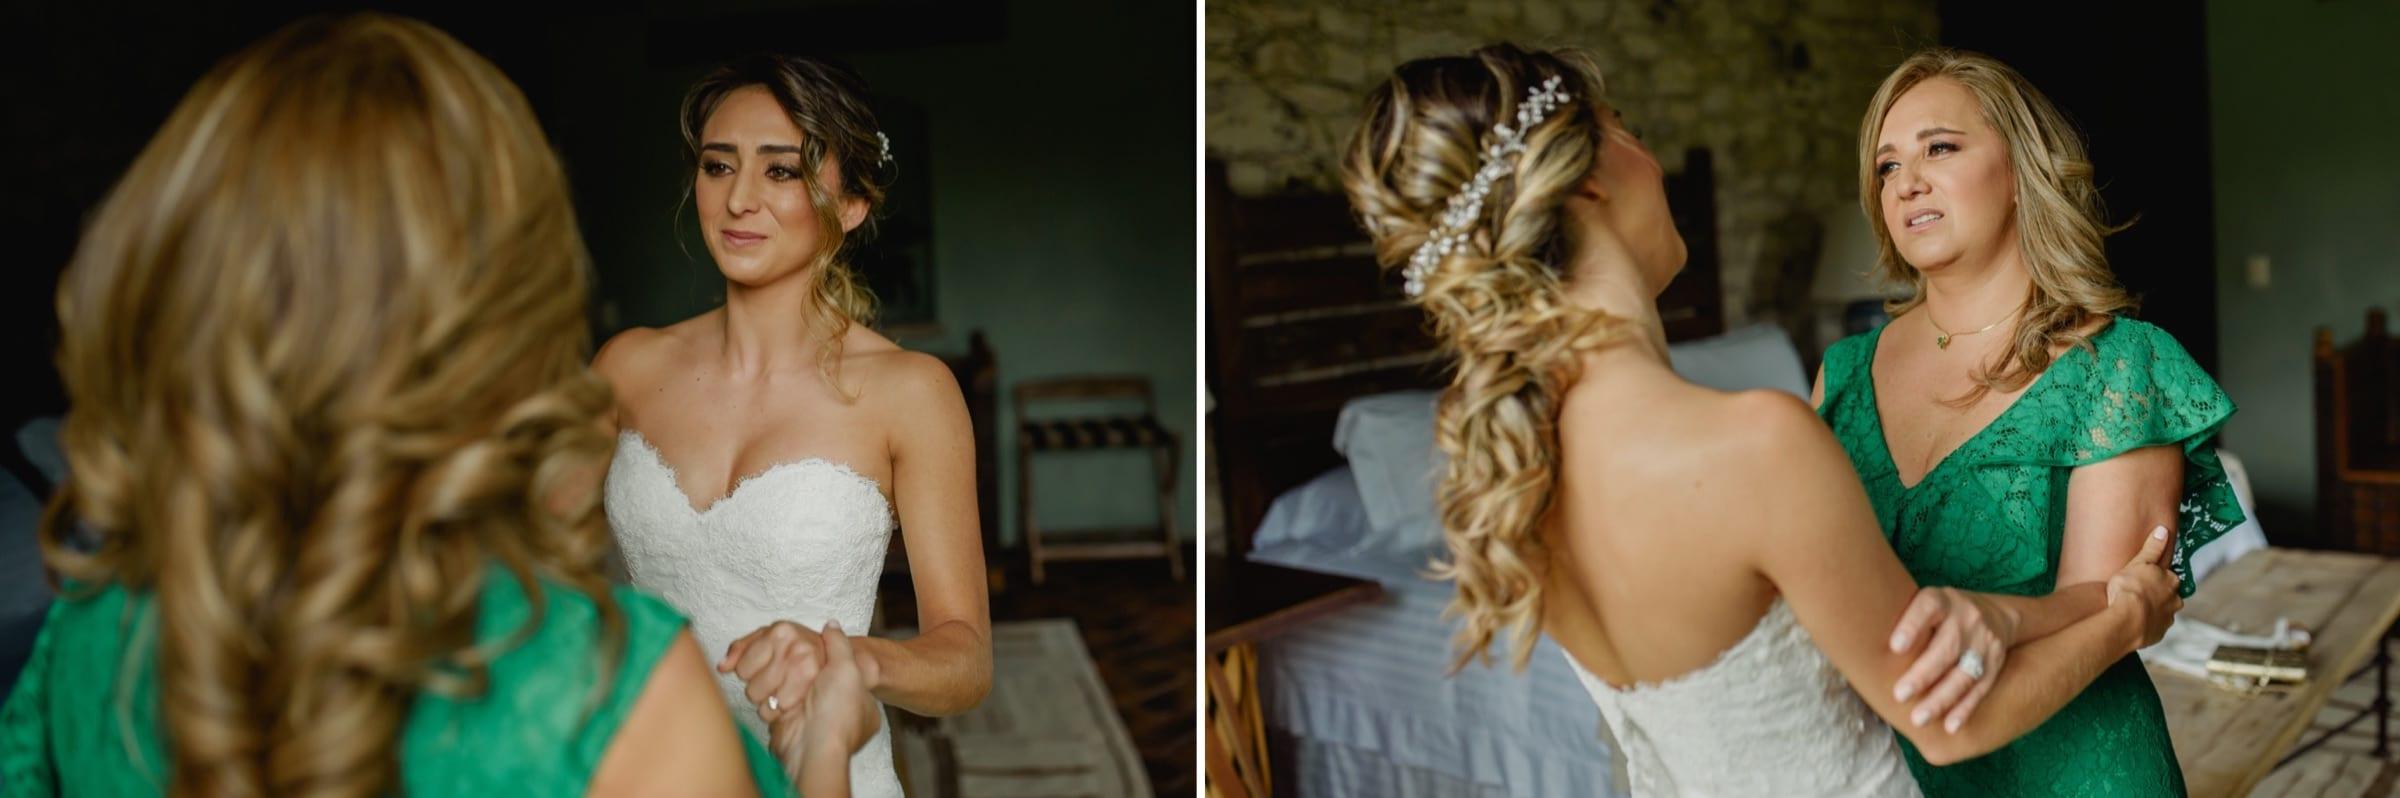 vestido novia boda de dia